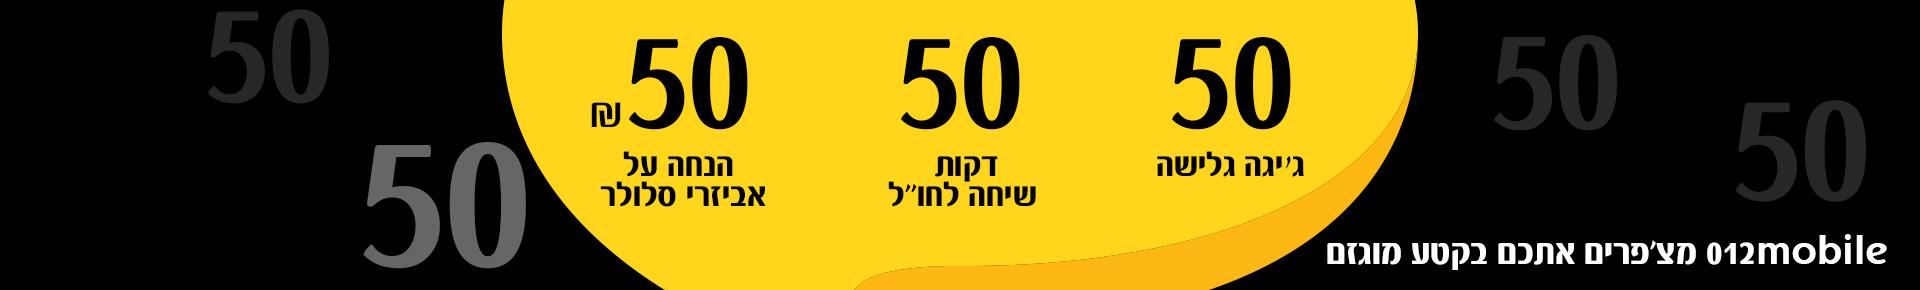 50 גוונים של סיבות להצטרף